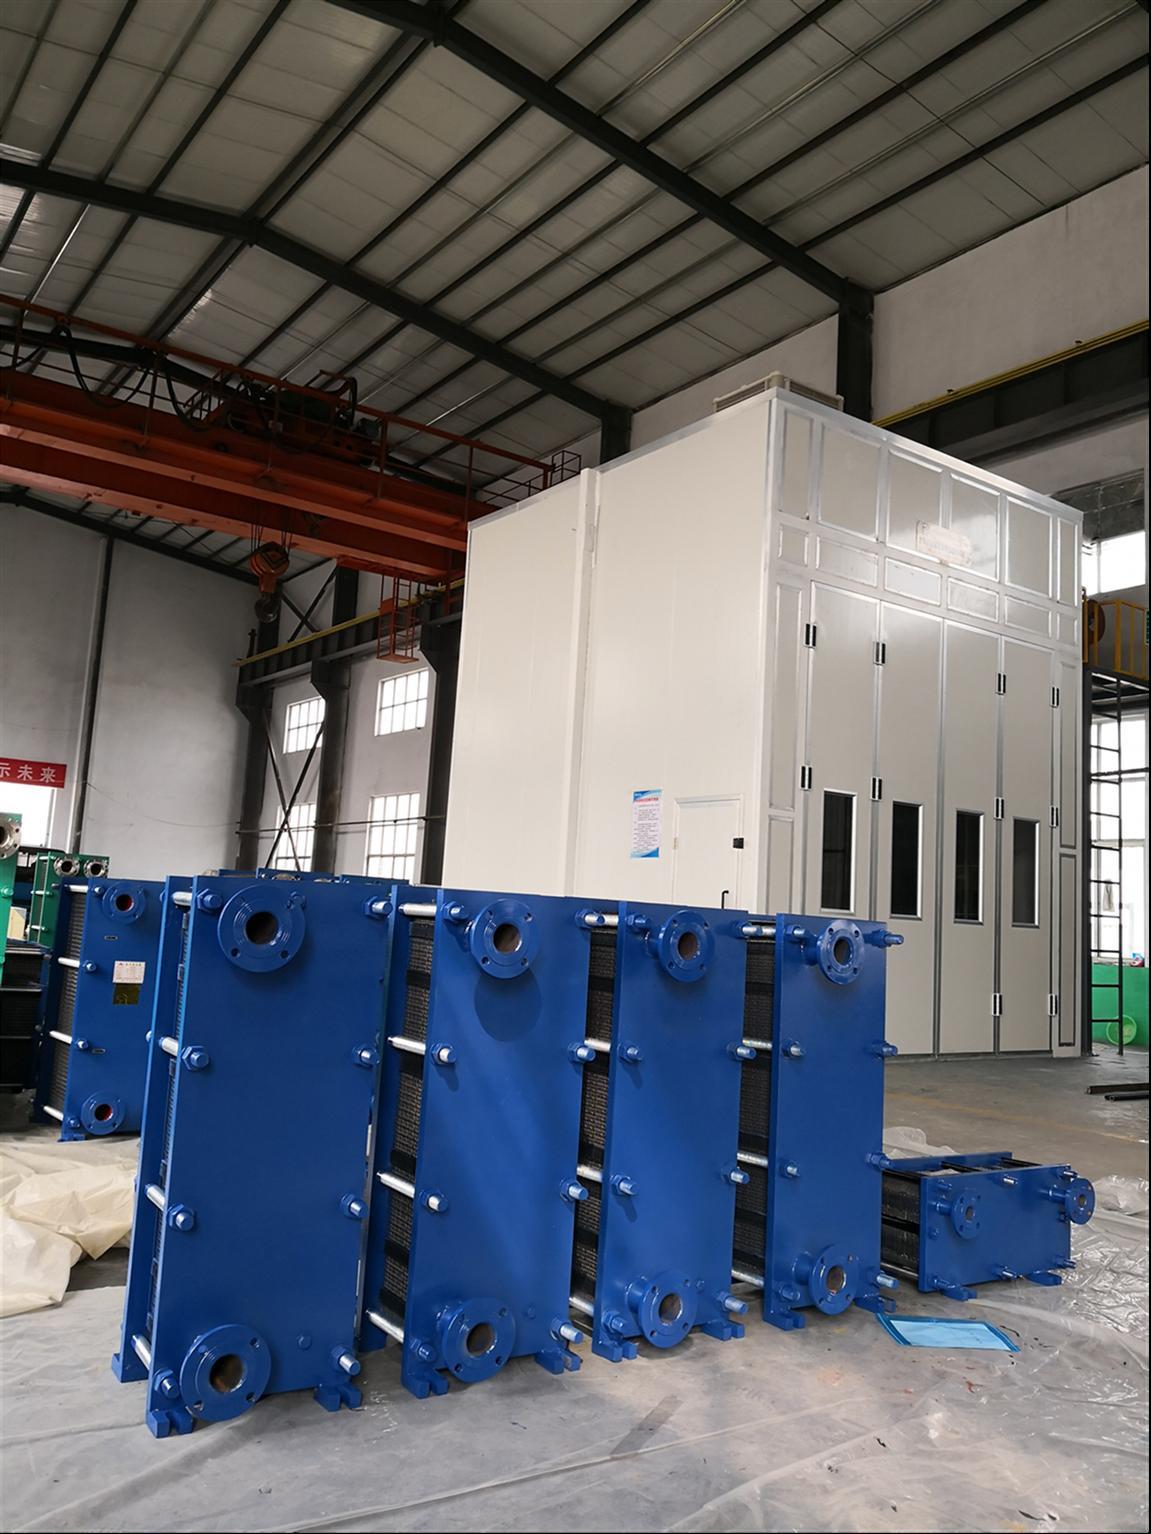 板式换热器型号 全新板式换热器型号公司特色货源